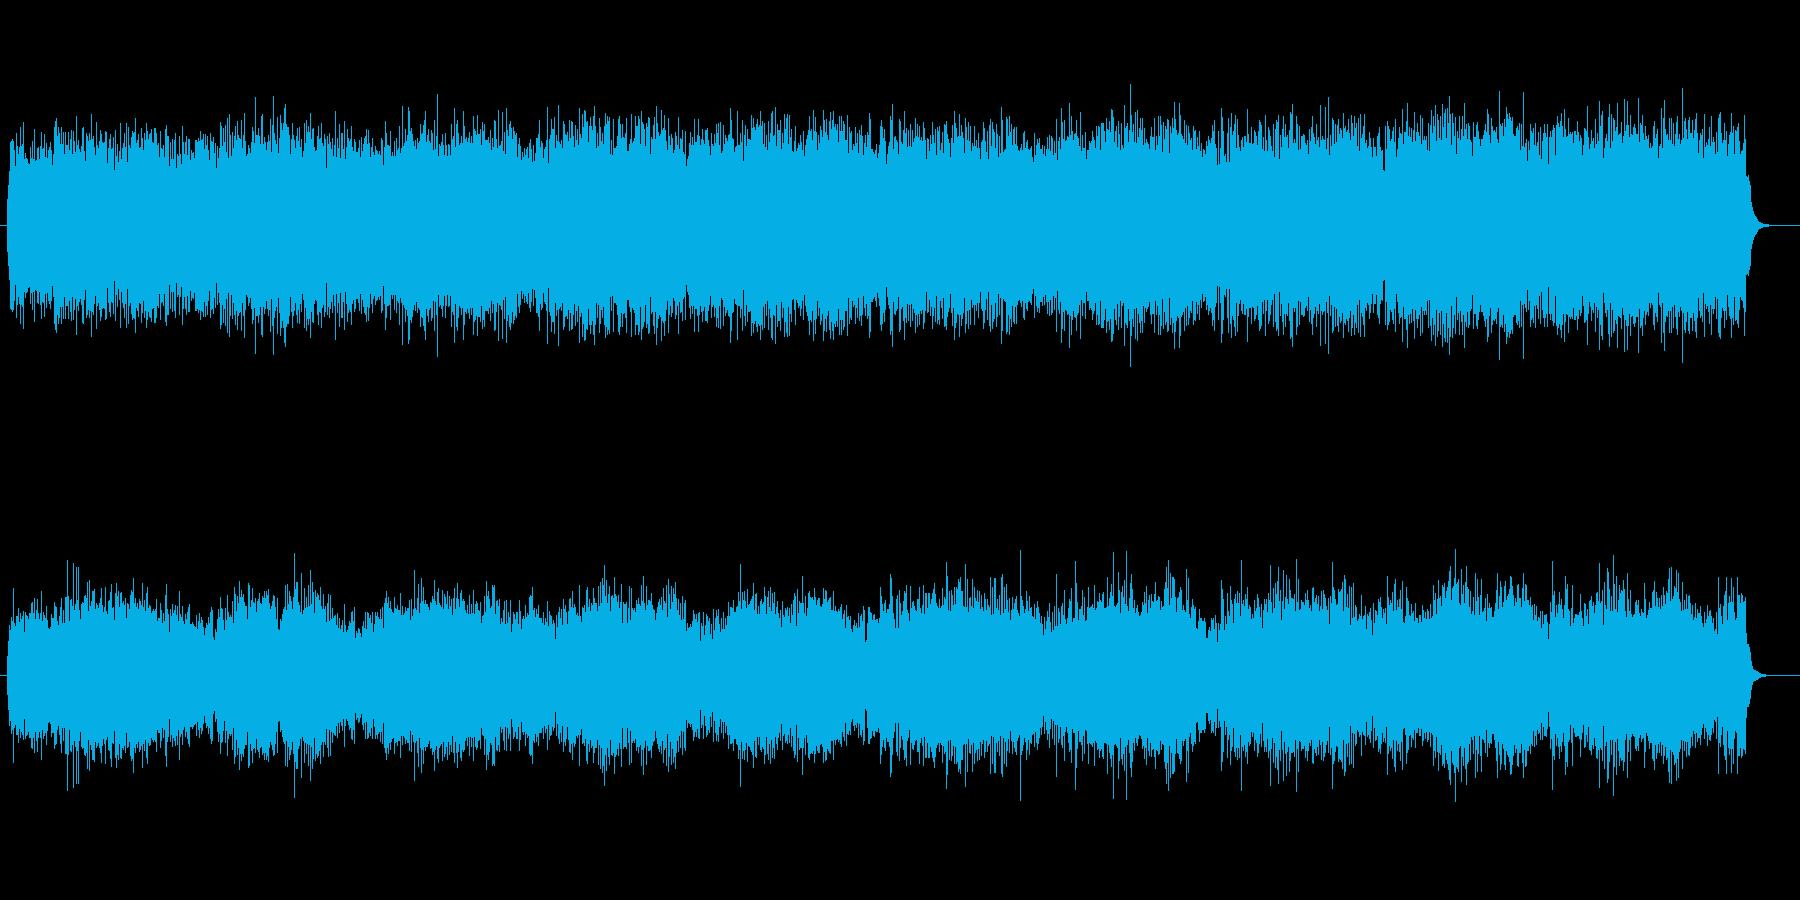 脈動感溢れる近未来的テクノポップサウンドの再生済みの波形